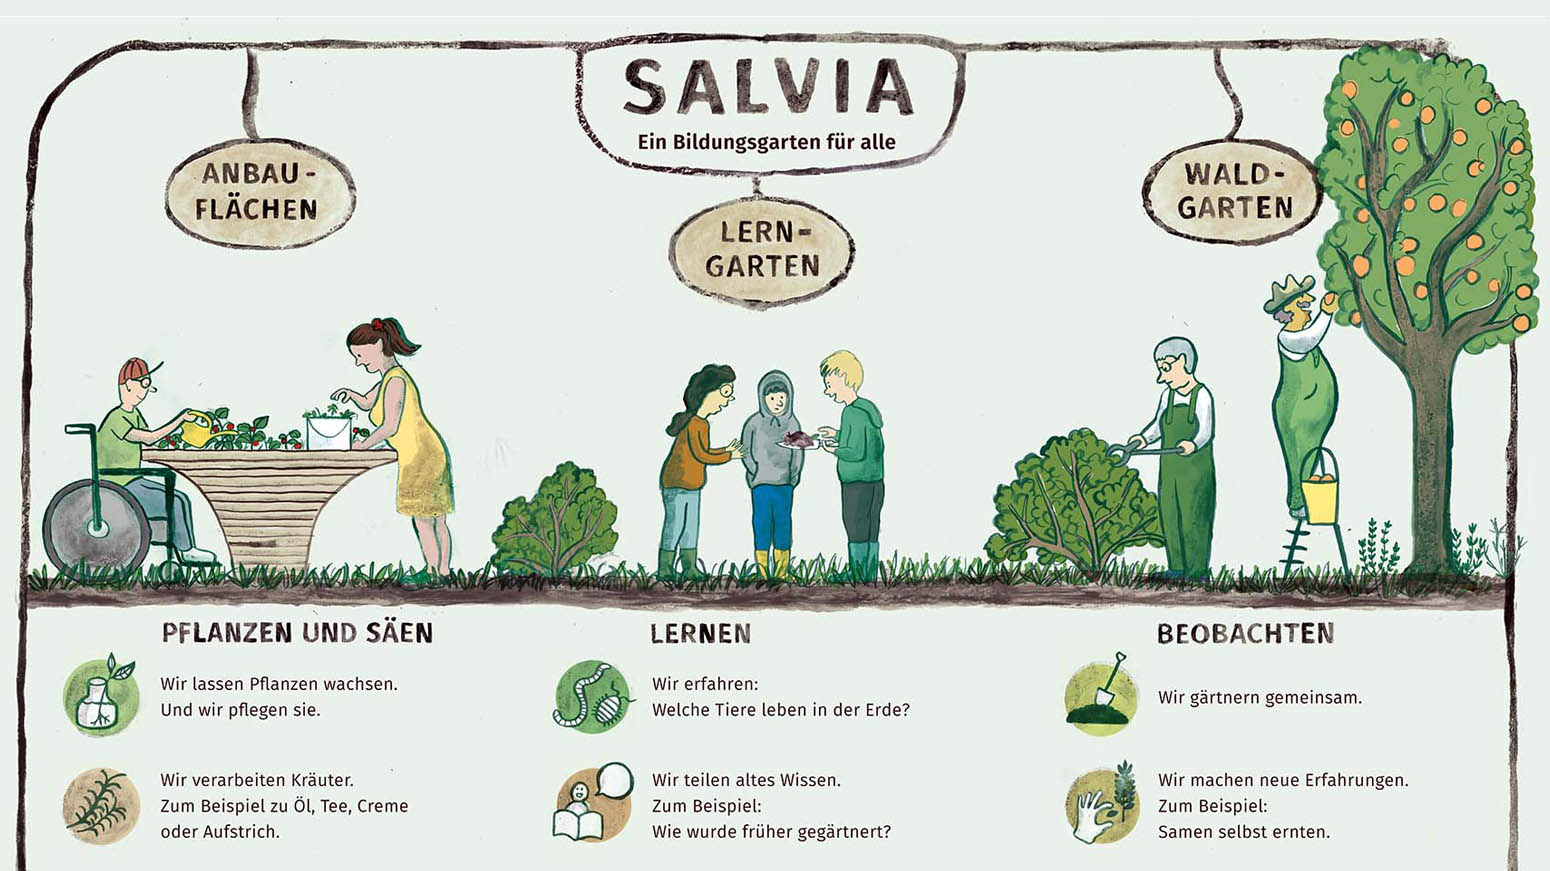 Gezeichnetes Schaubild mit Erklärungen in leichter Sprache.